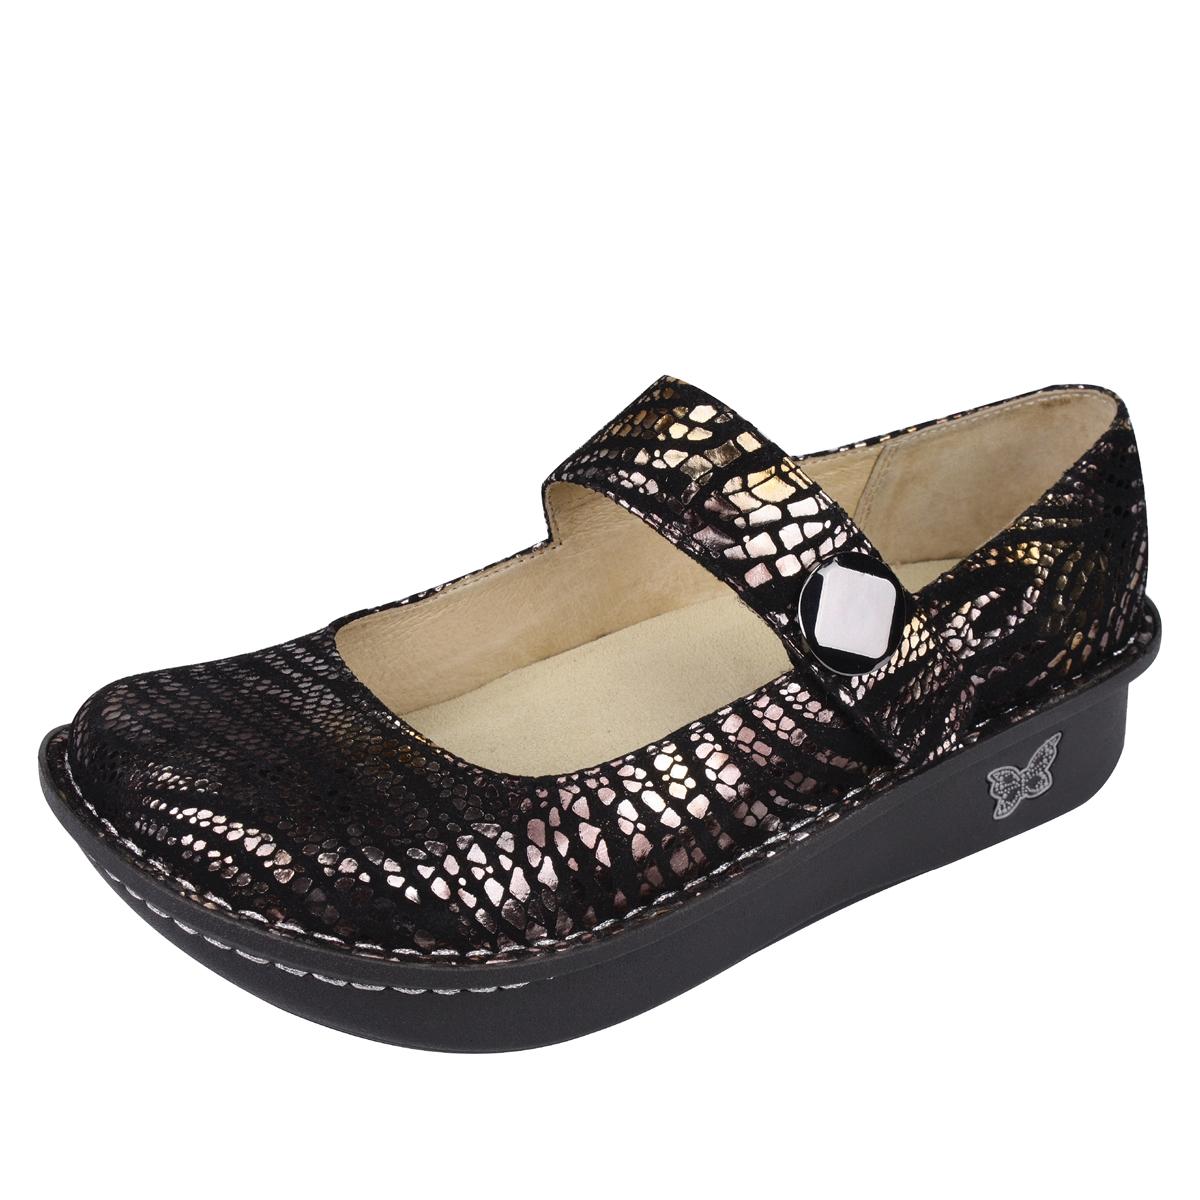 Alegria Paloma Onyx Jungle The Original Alegria Shoe Shop